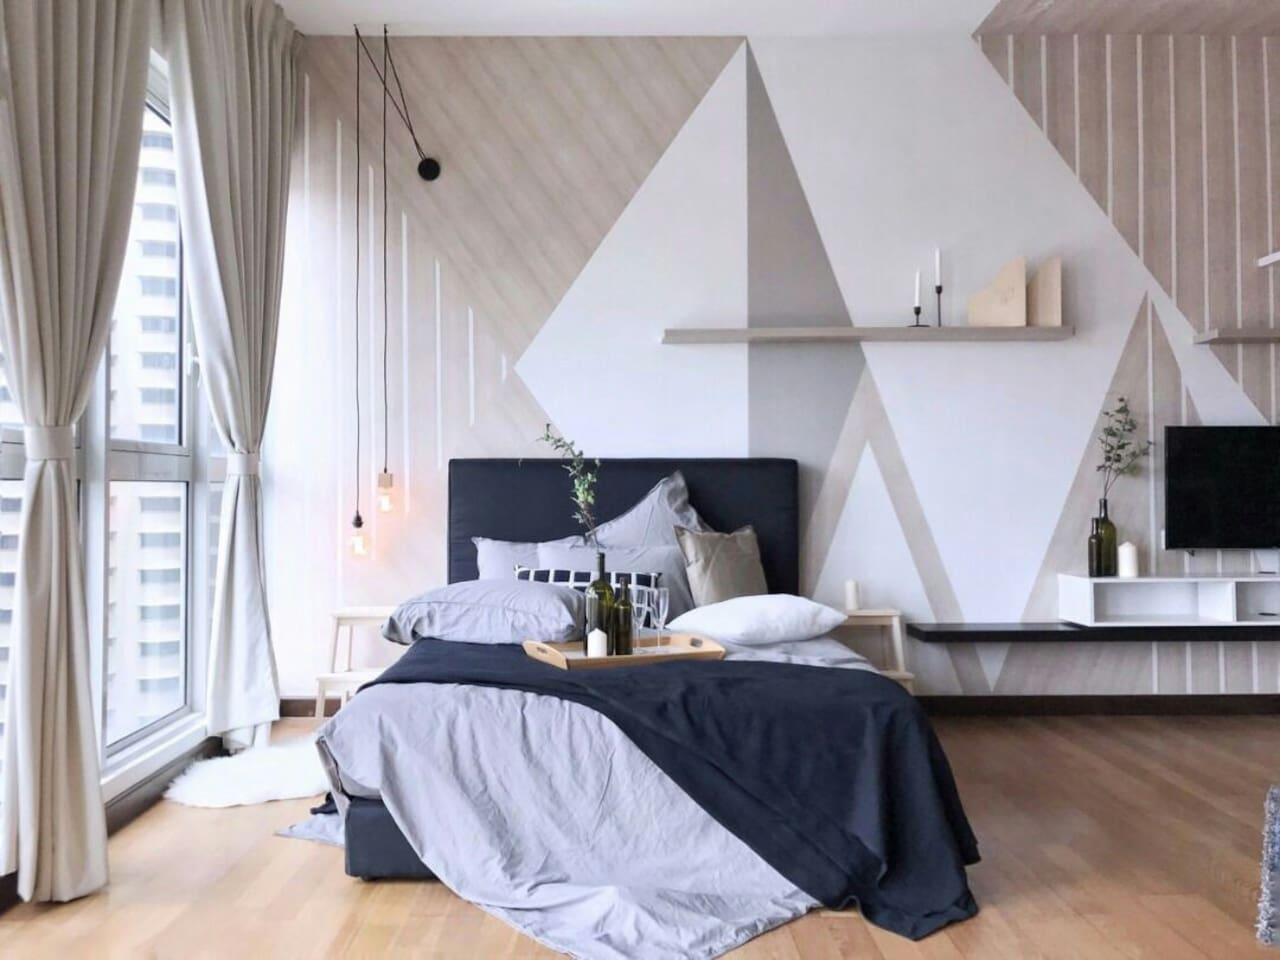 Image from Designer Regalia